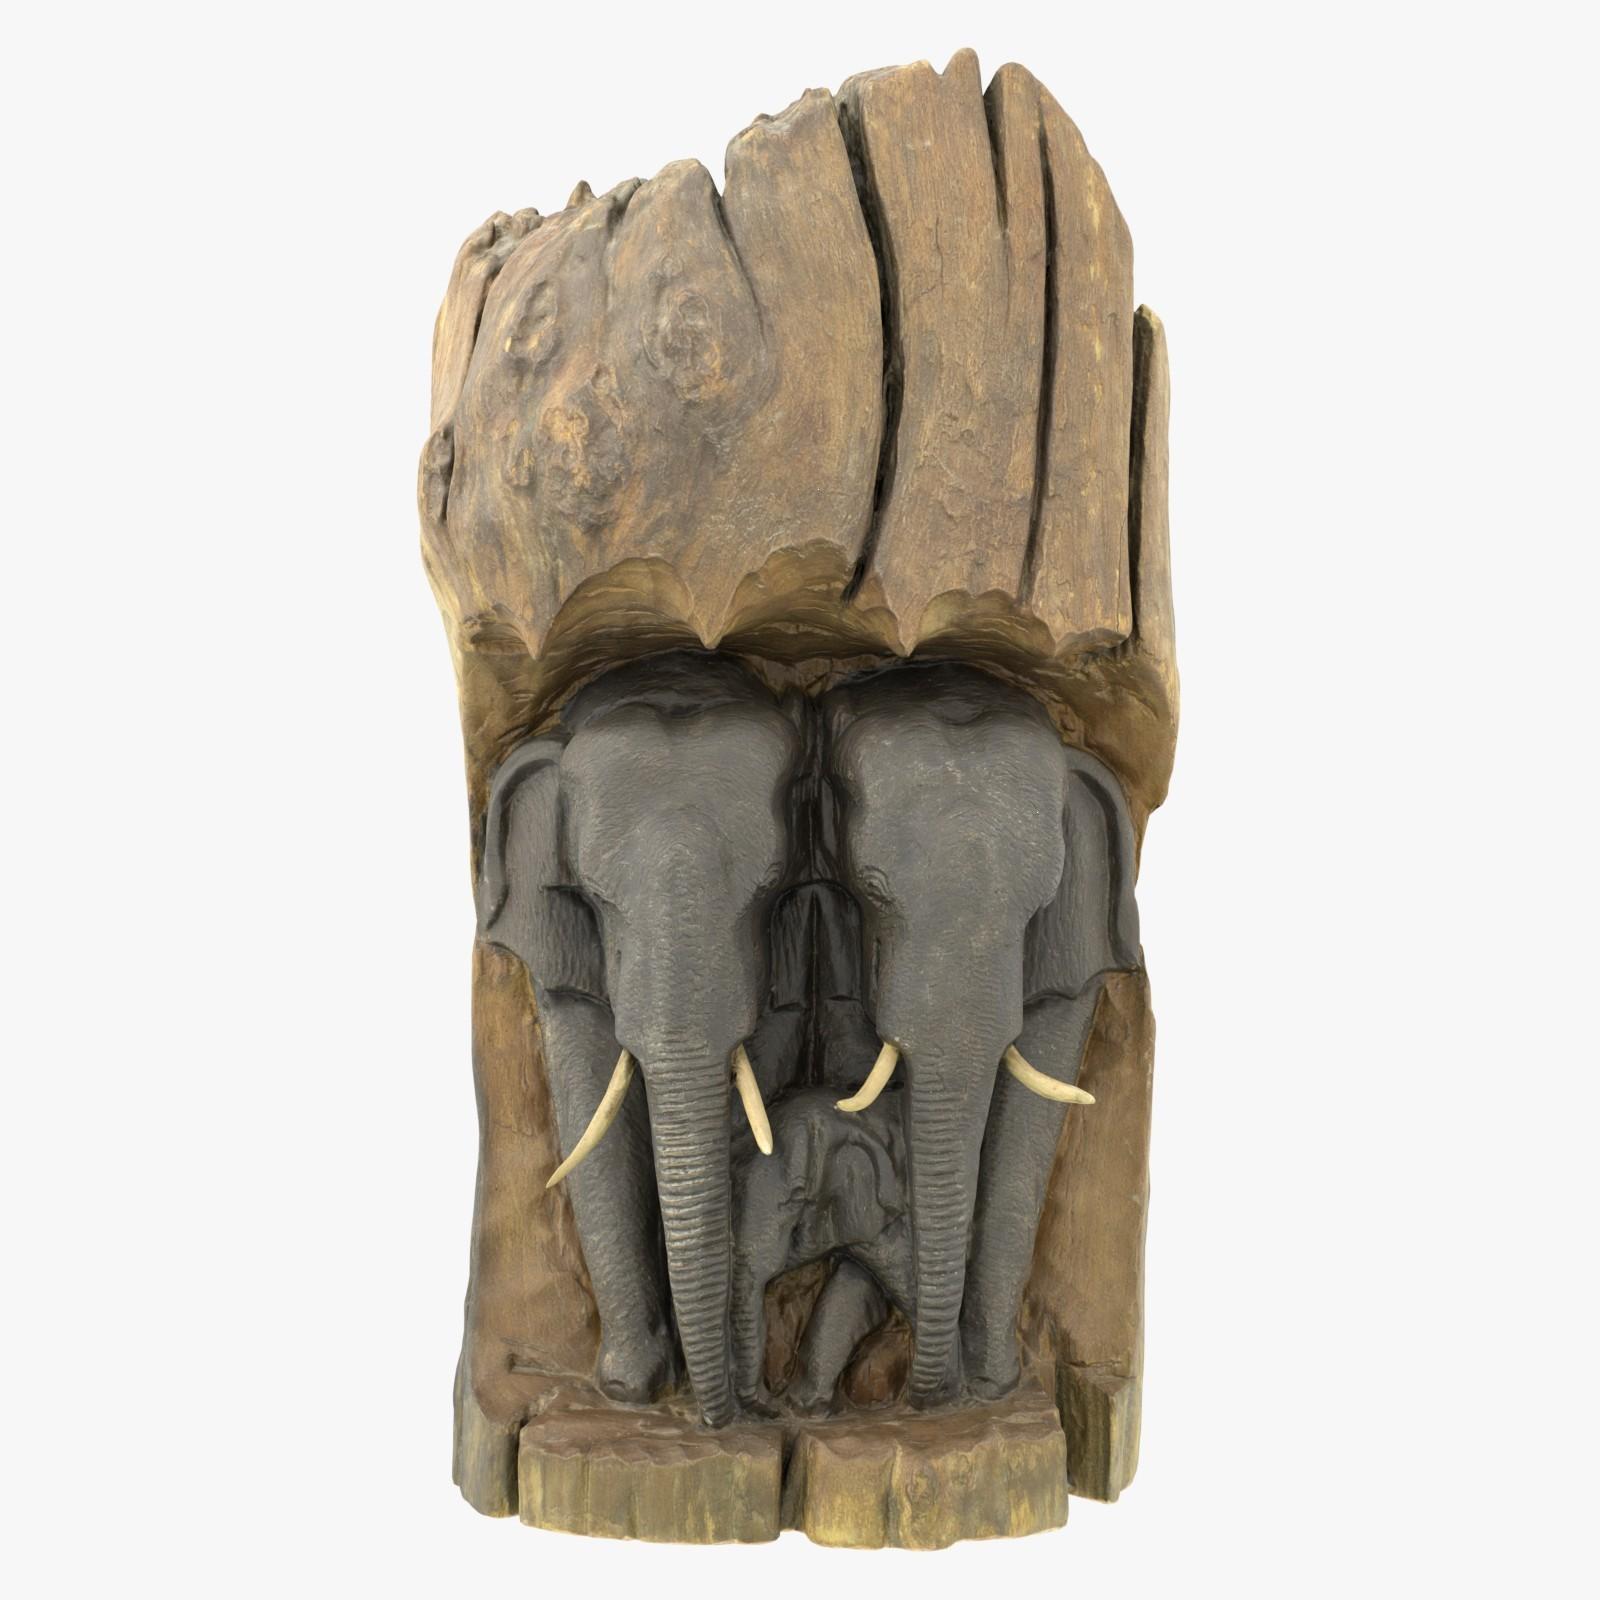 Casper Hane - Elephants Carving 3D Model